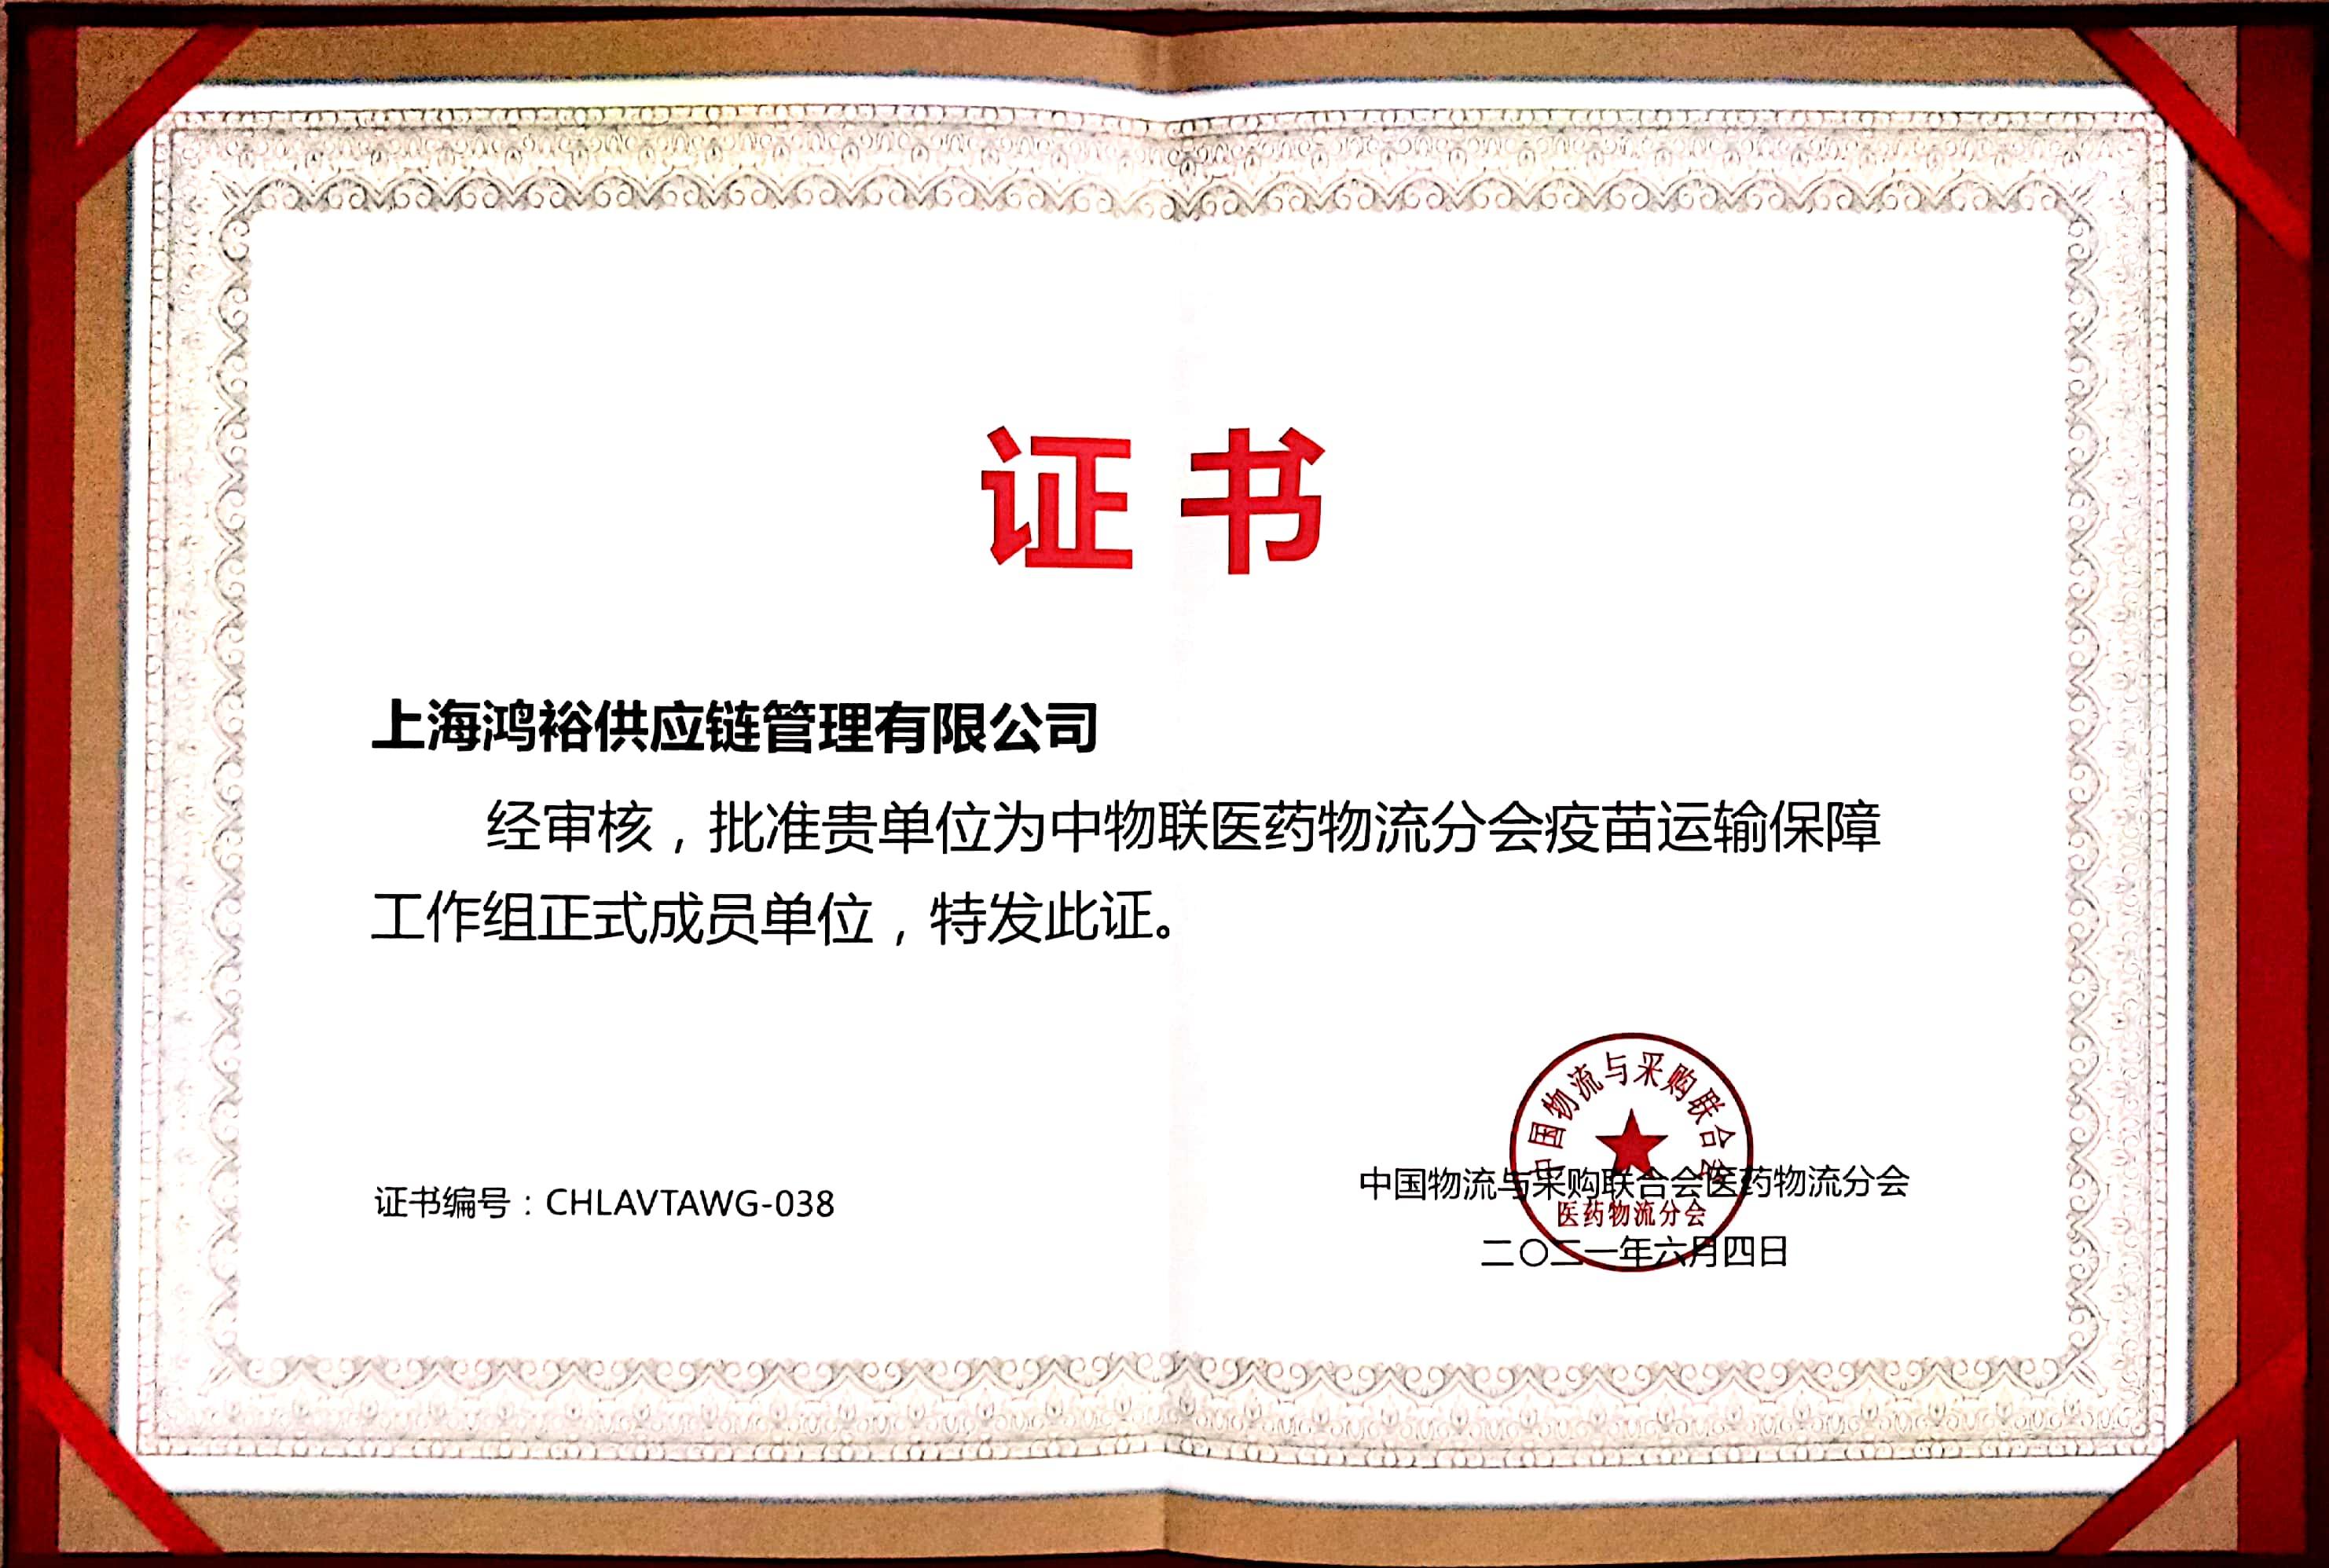 鸿裕供应链获批为疫苗运输保障工作组正式成员单位